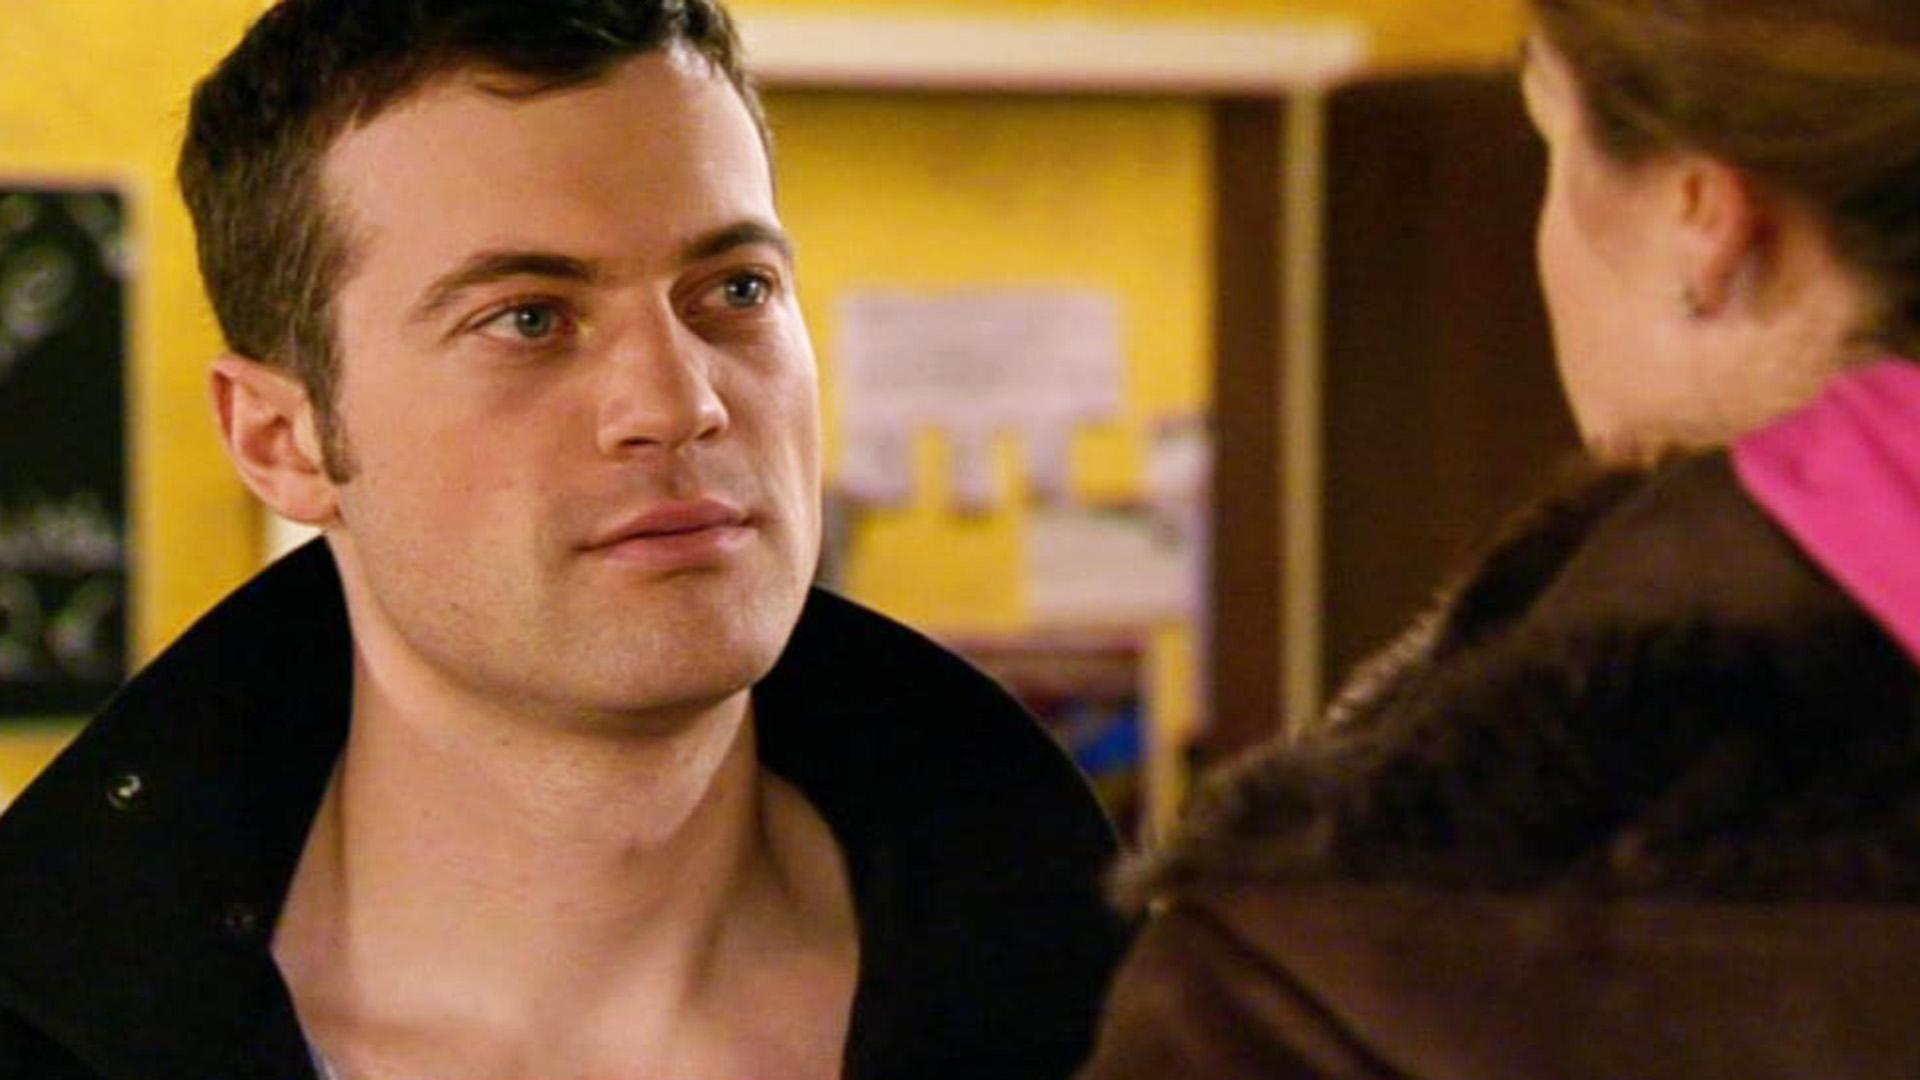 Richard konfrontiert Jenny mit seinem Verdacht.